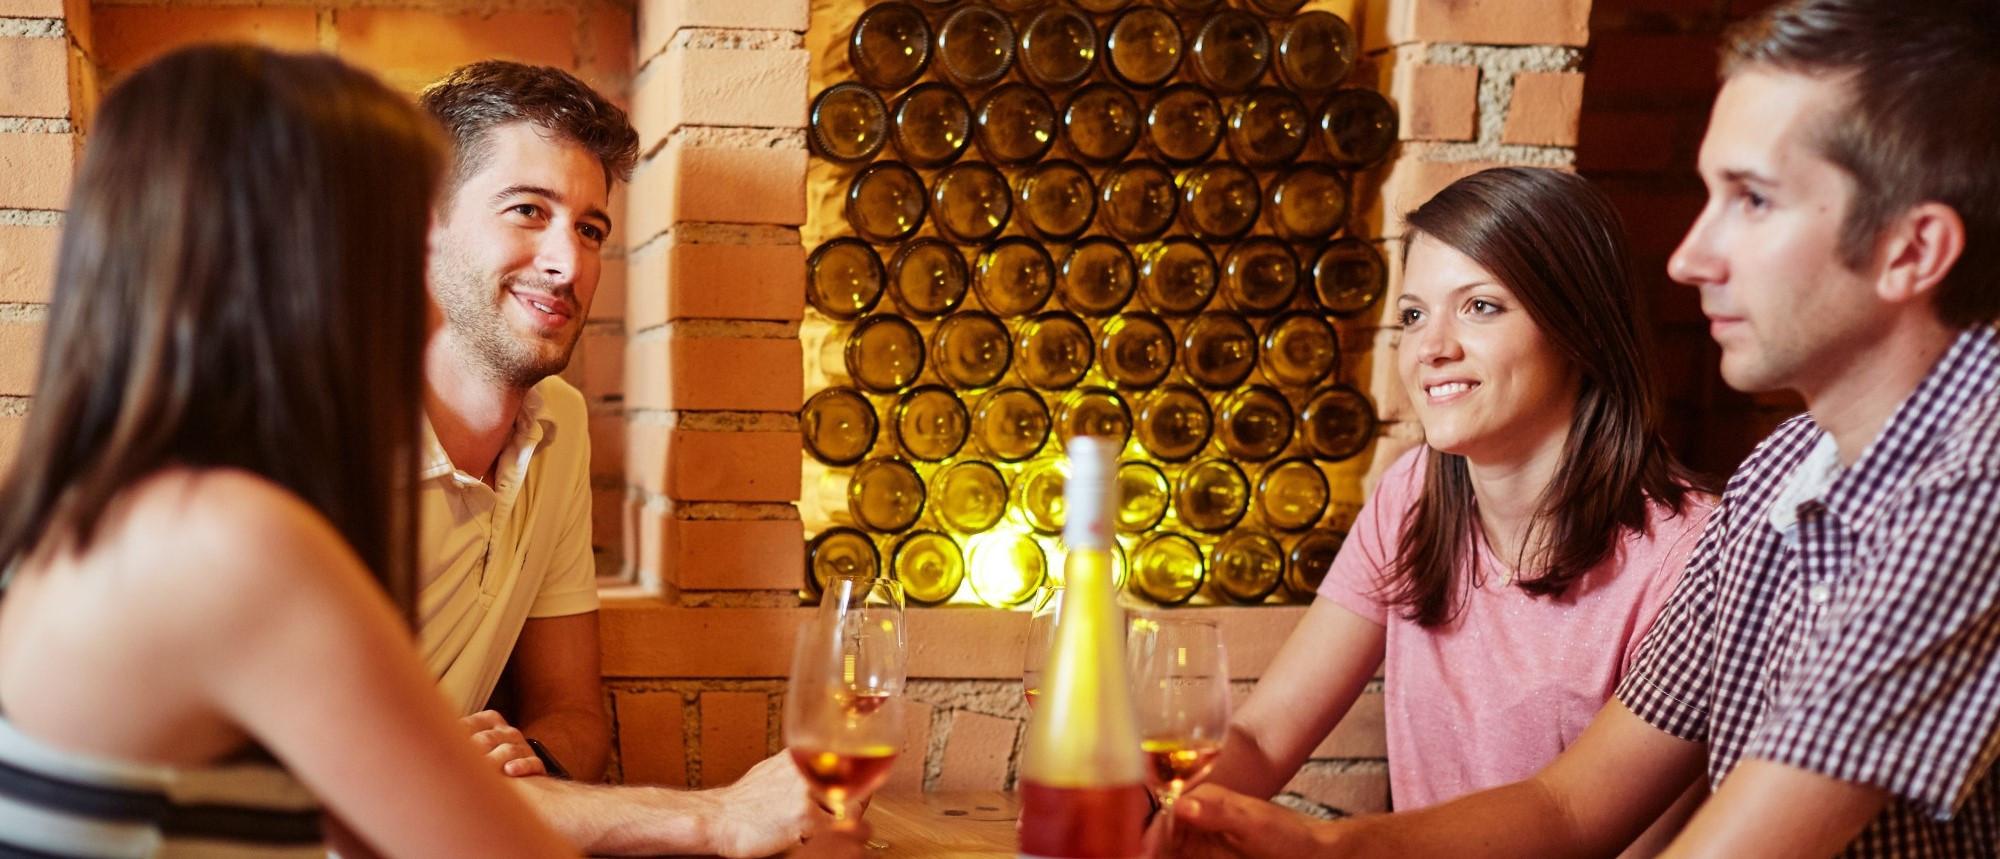 Weingut Hagmann Weinplauderei mit Freunden